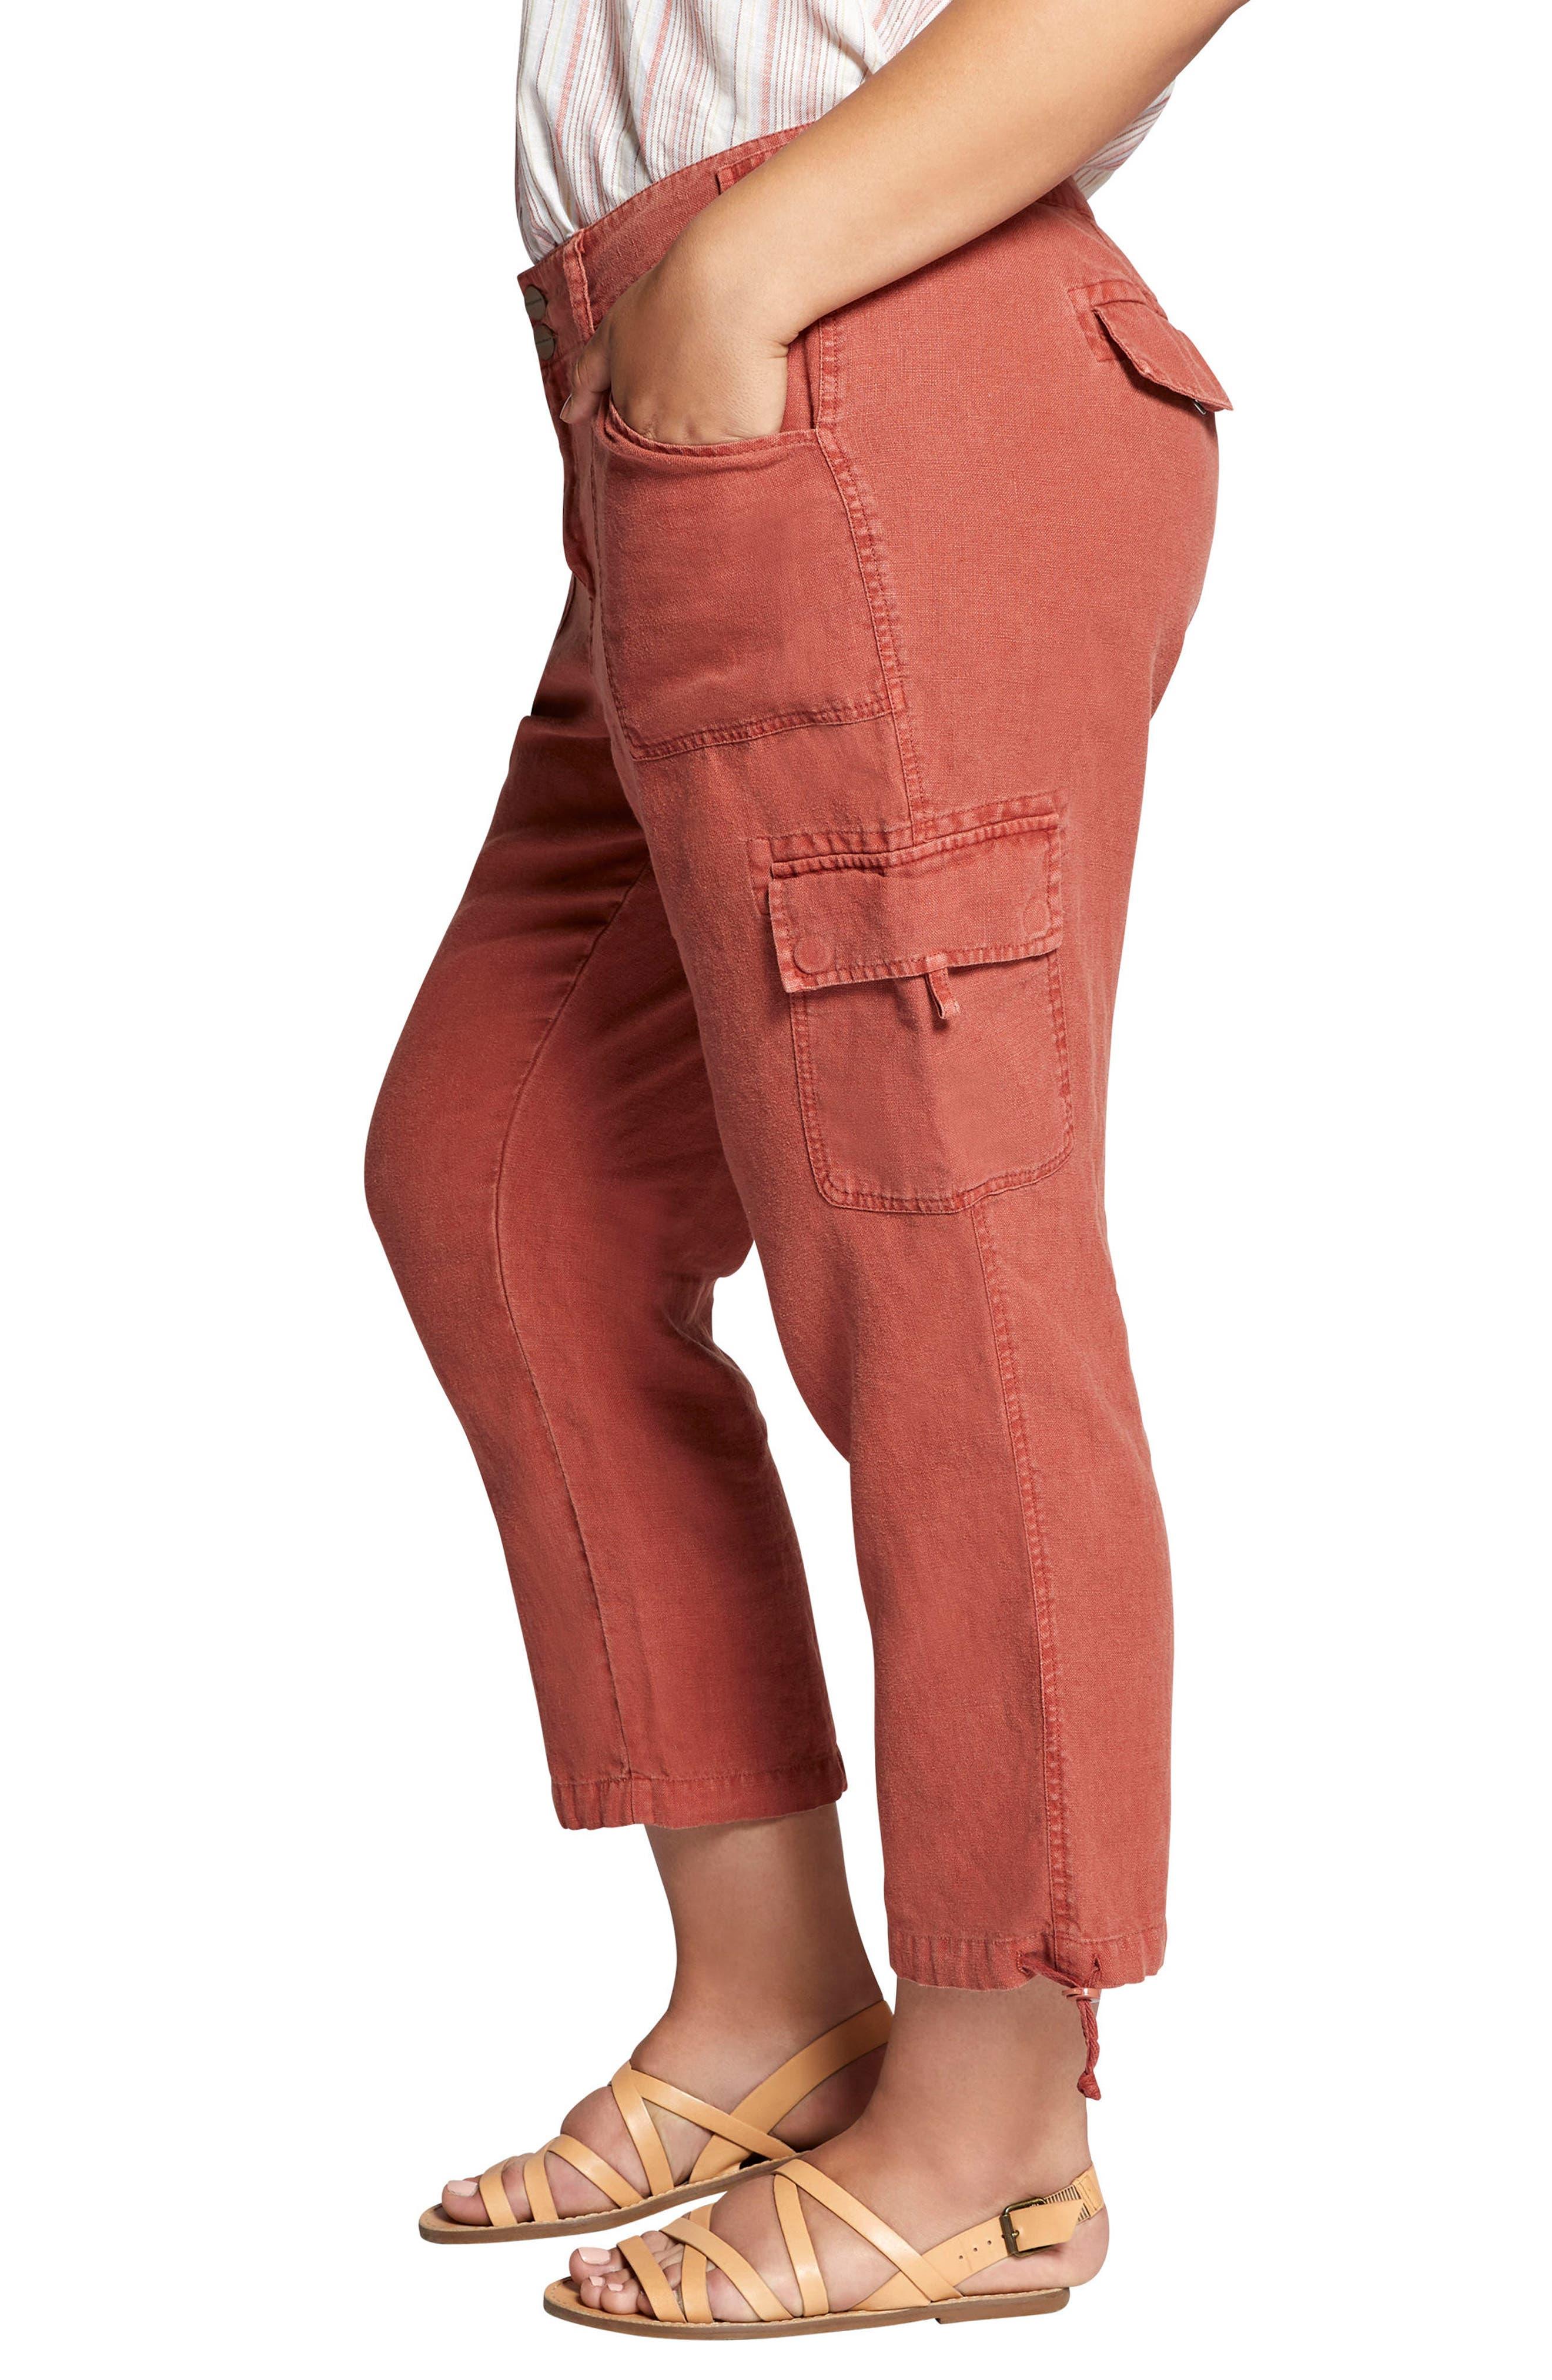 Terrain Crop Linen Cargo Pants,                             Alternate thumbnail 3, color,                             206